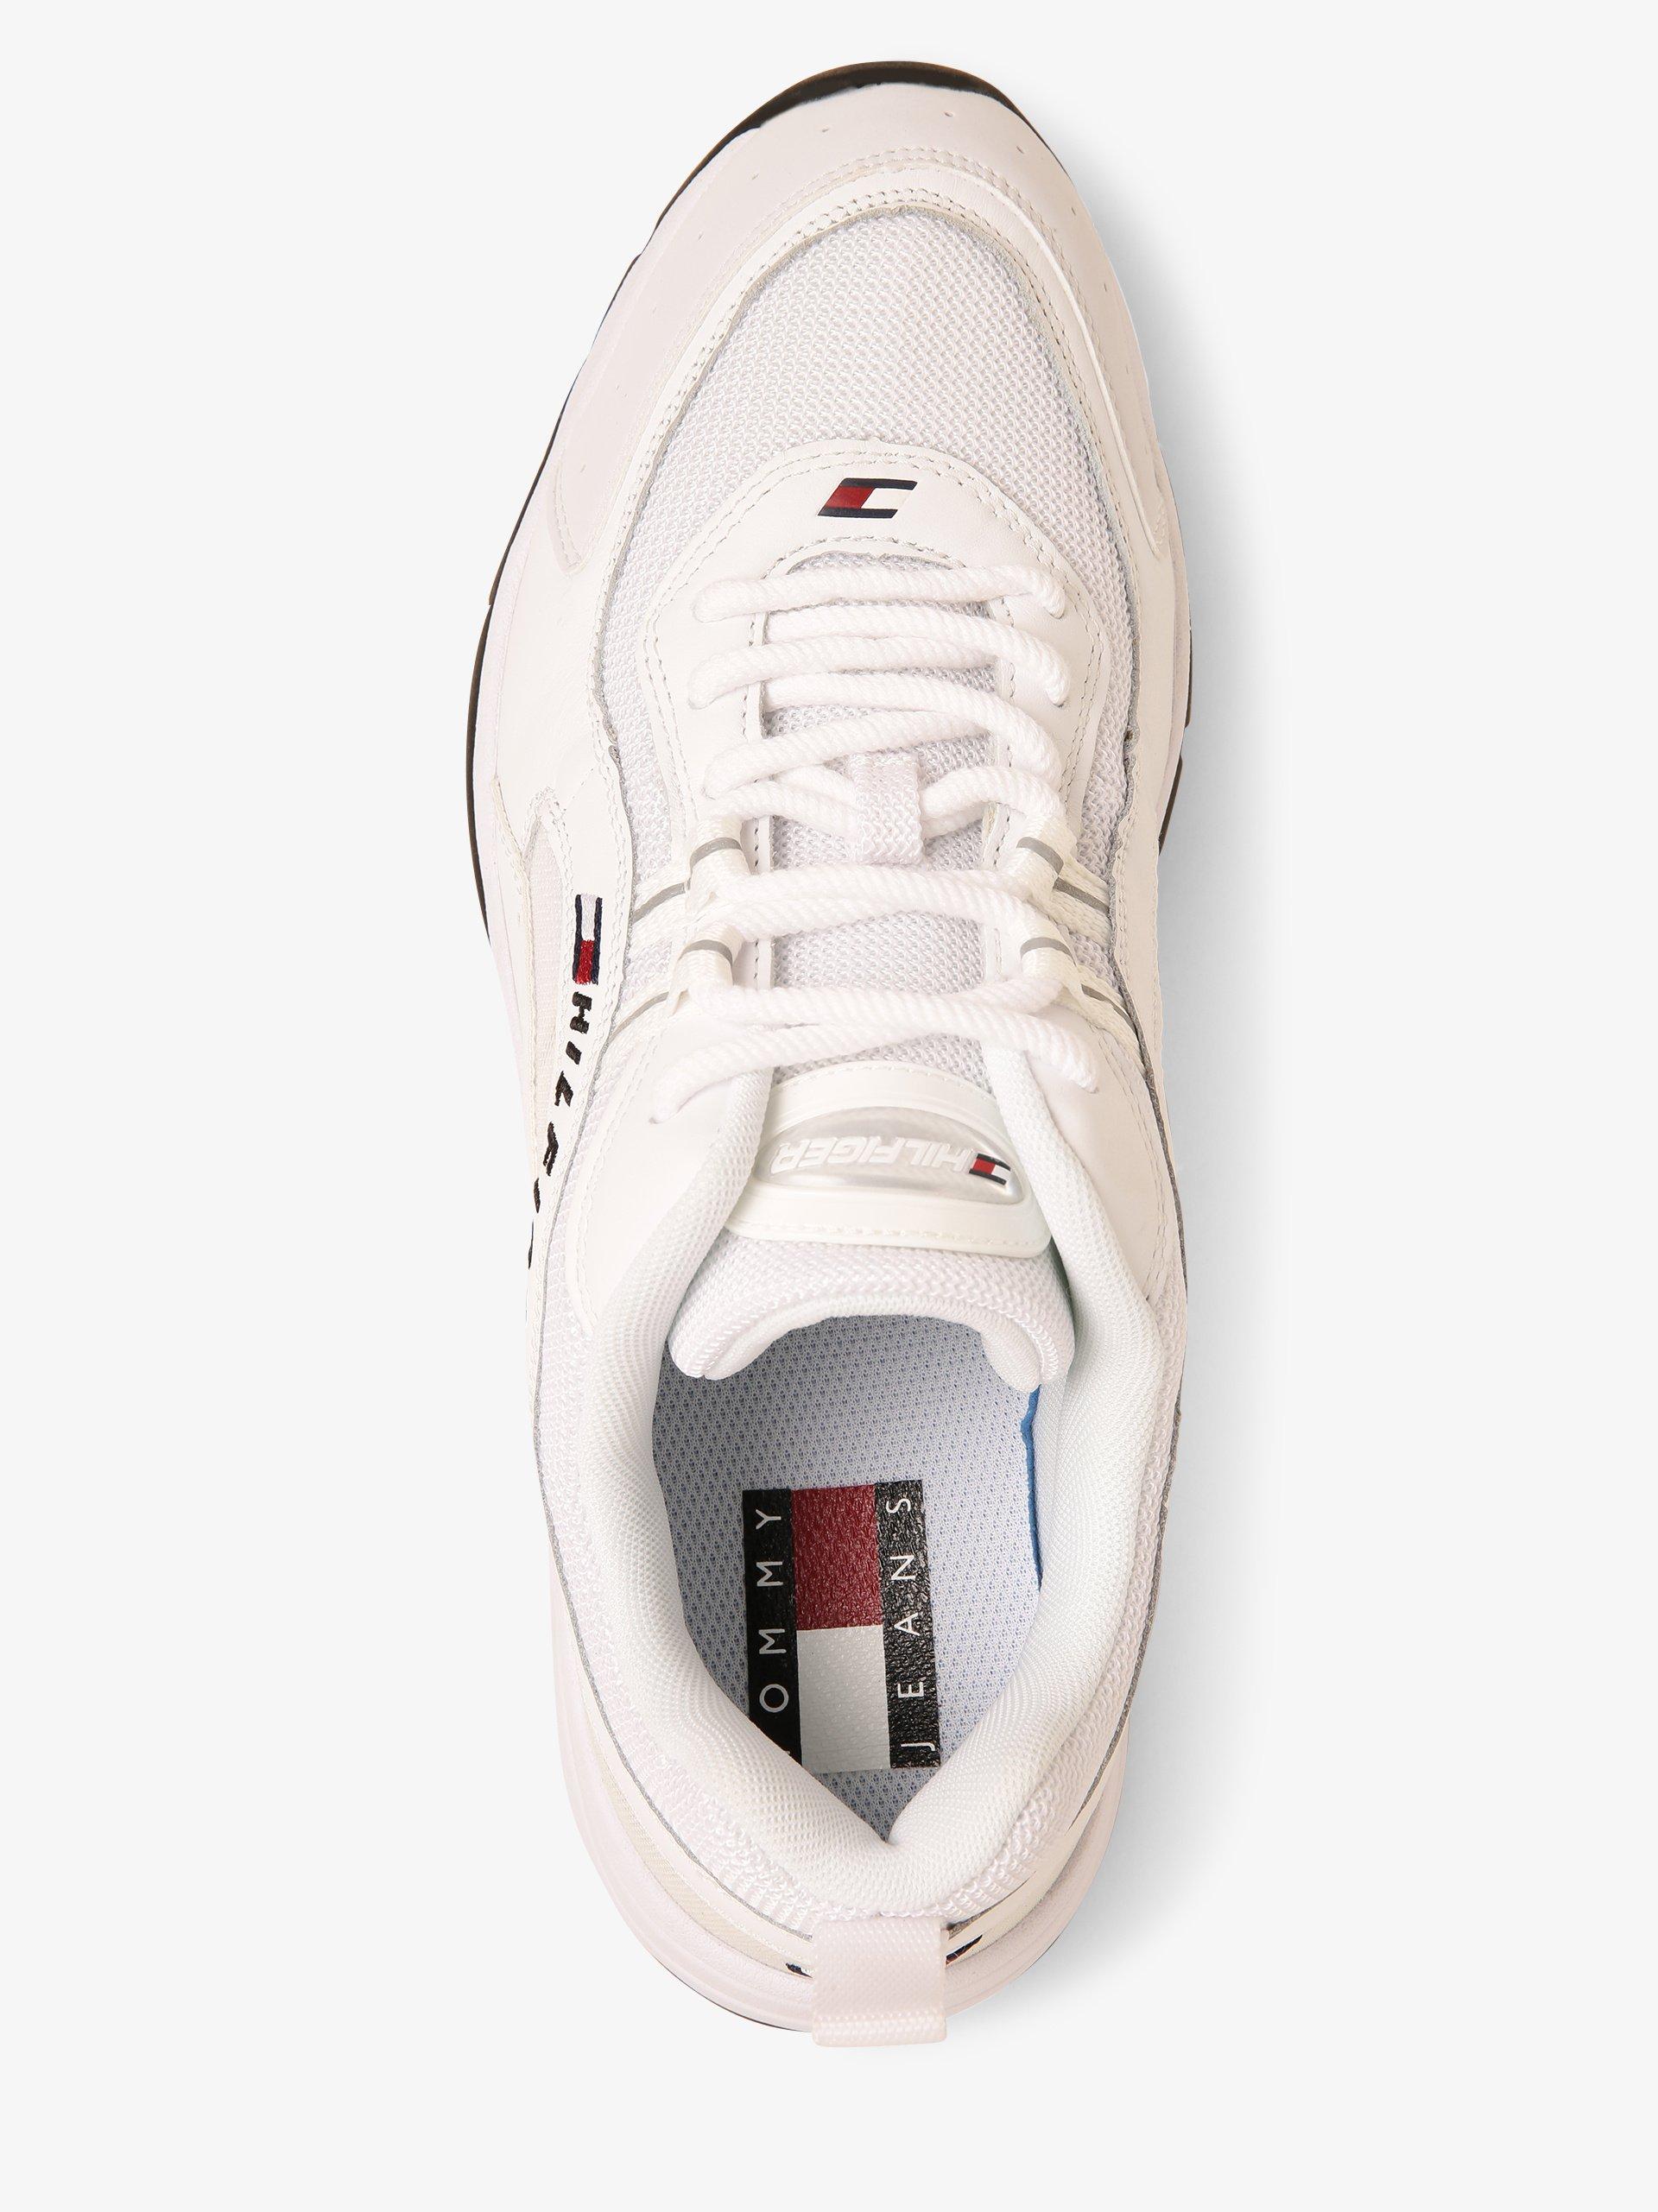 Tommy Jeans Herren Sneaker mit Leder-Anteil